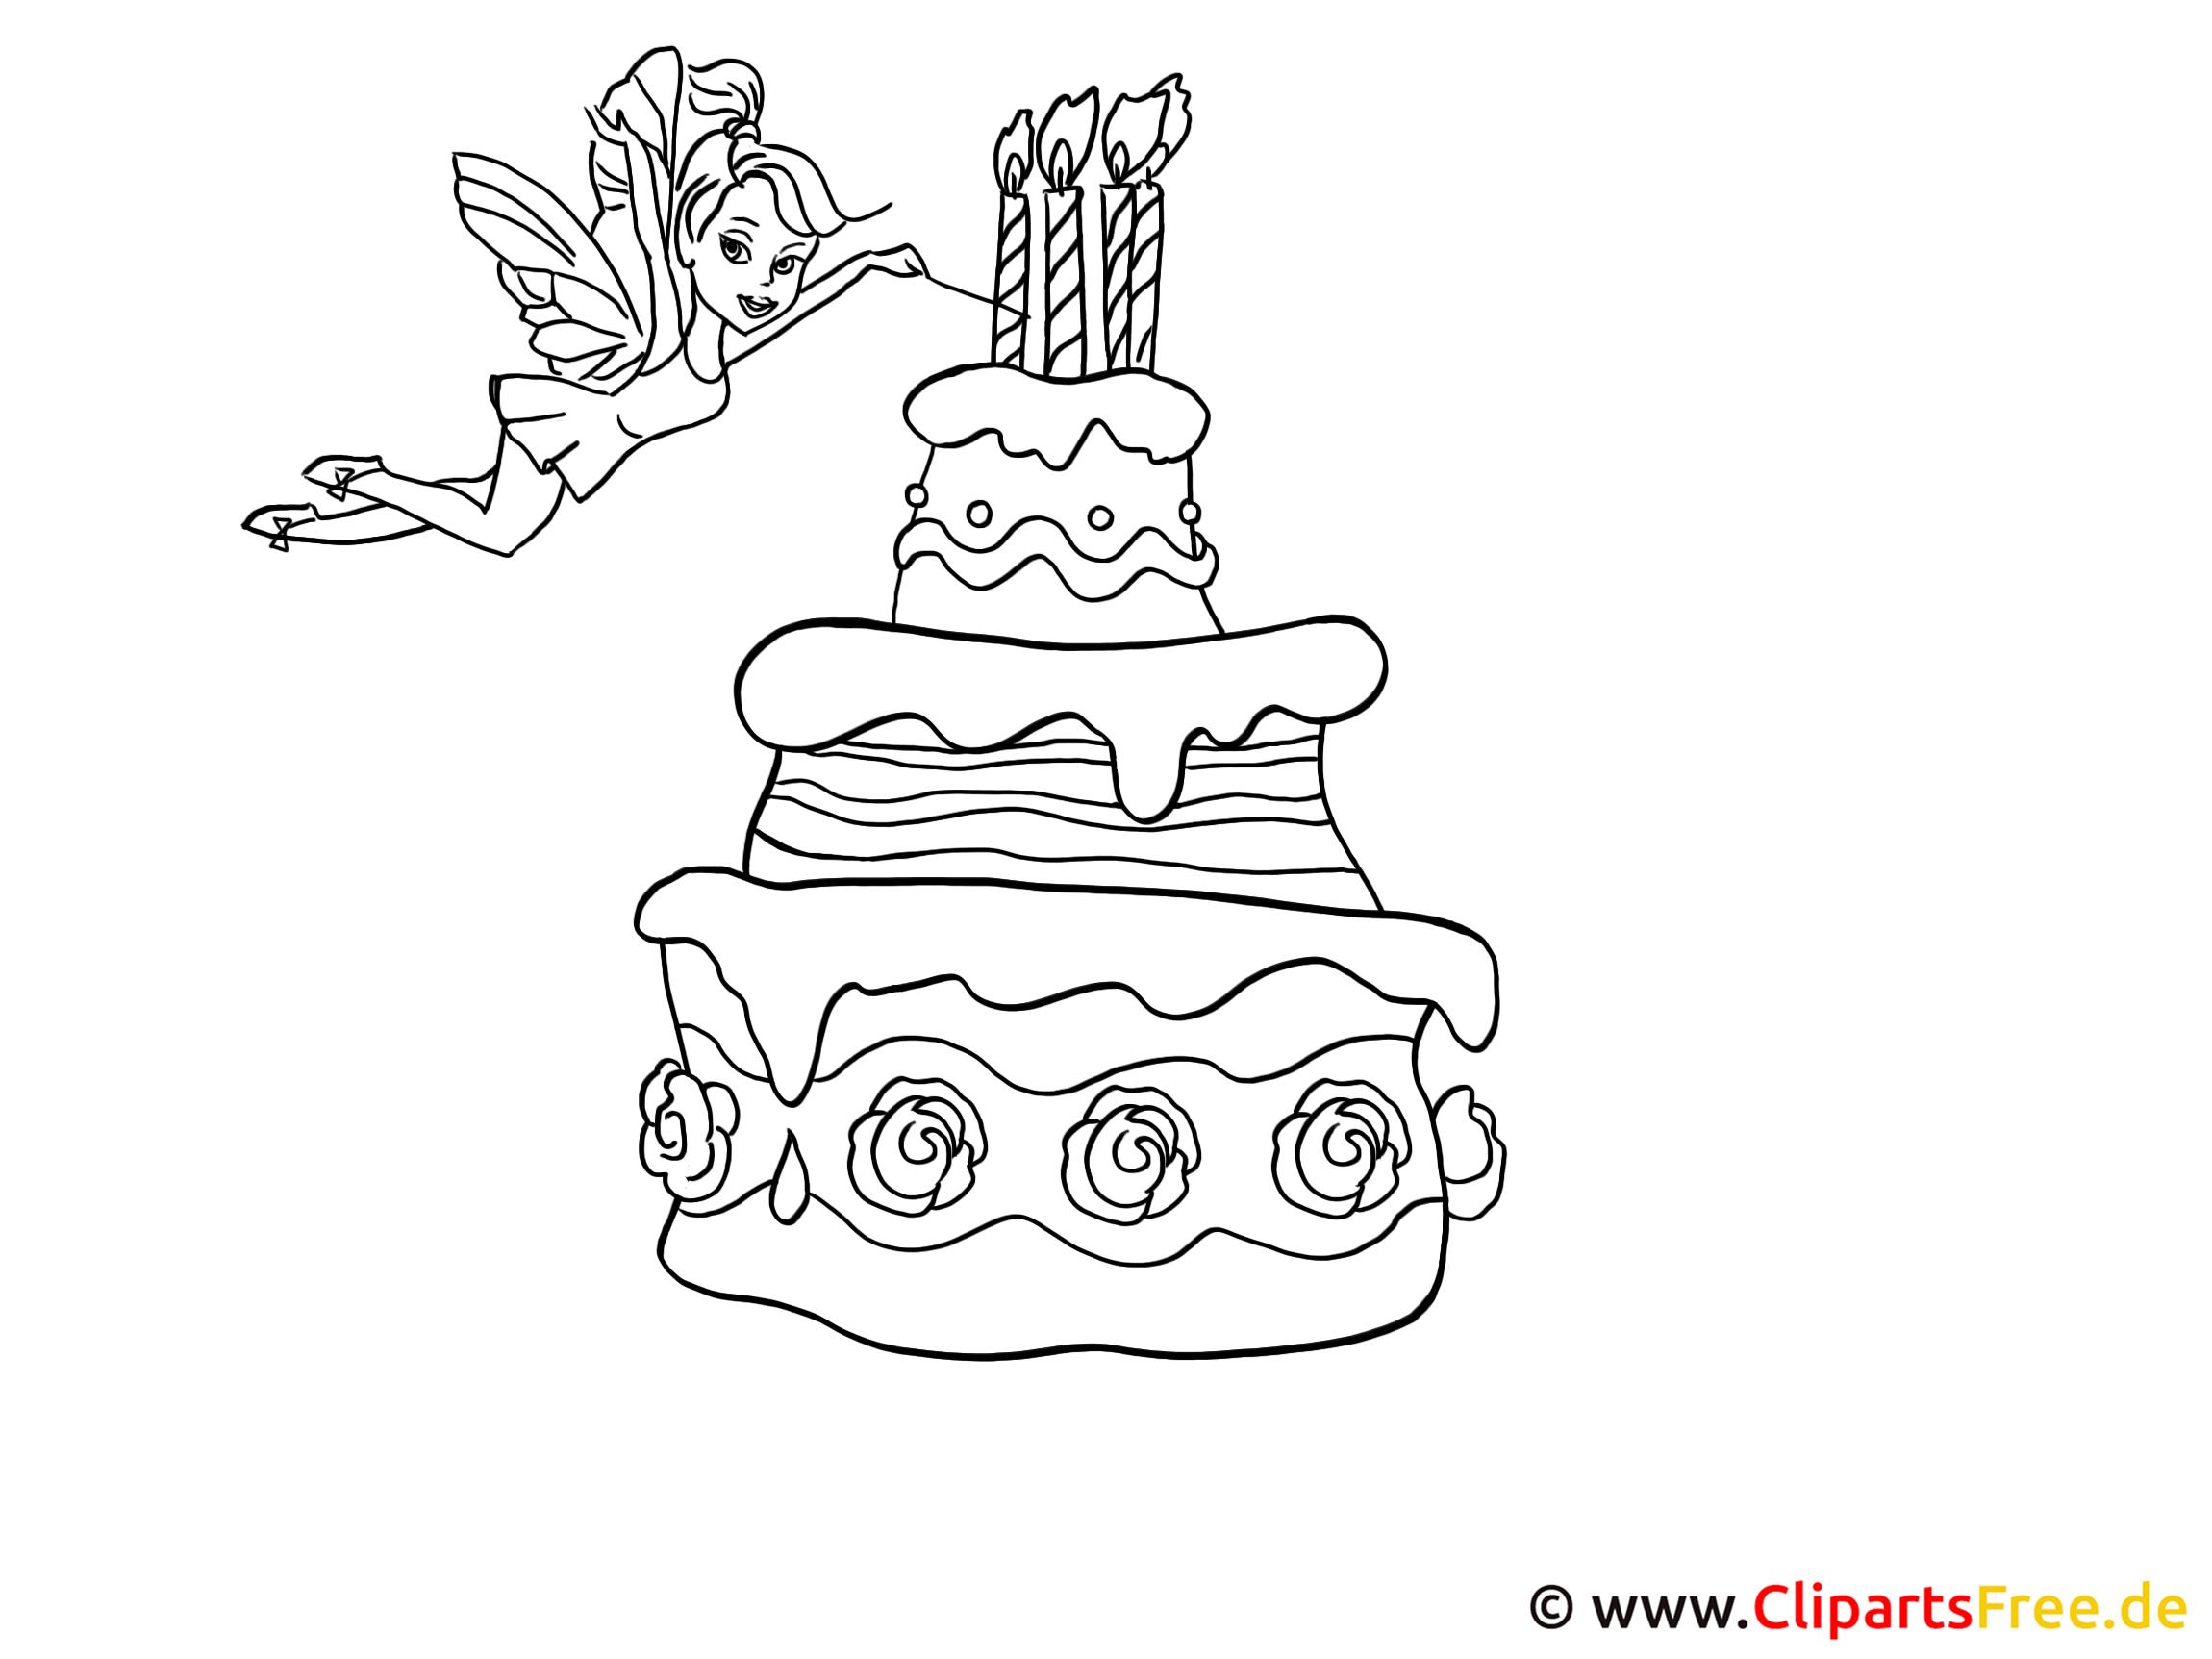 Pasta Resmi Boyama Sayfasi Coloring Free To Print